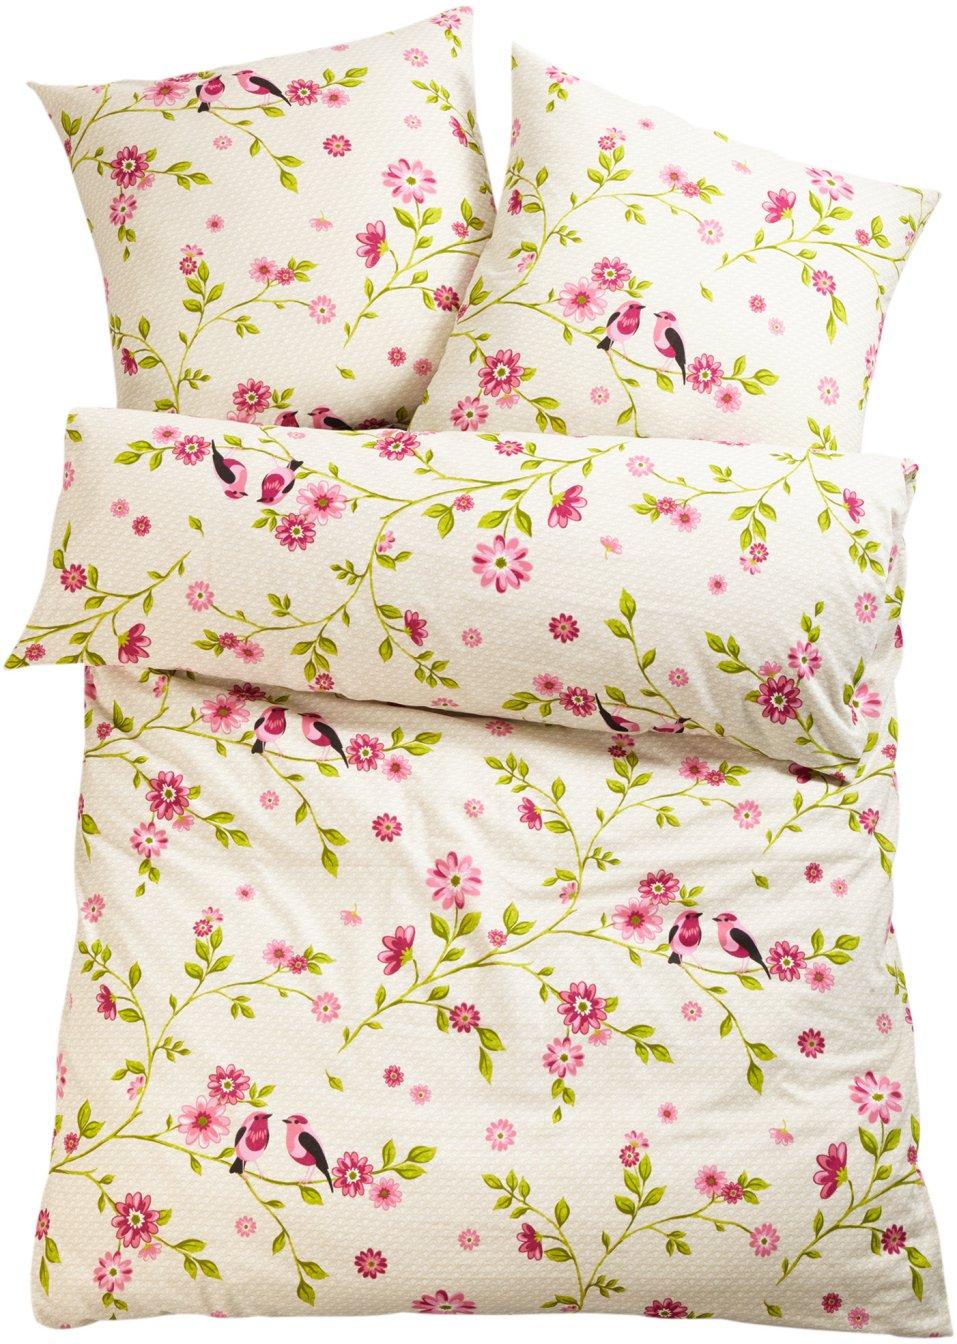 mit verspieltem blumenmuster die bettw sche emilia rosa linon. Black Bedroom Furniture Sets. Home Design Ideas